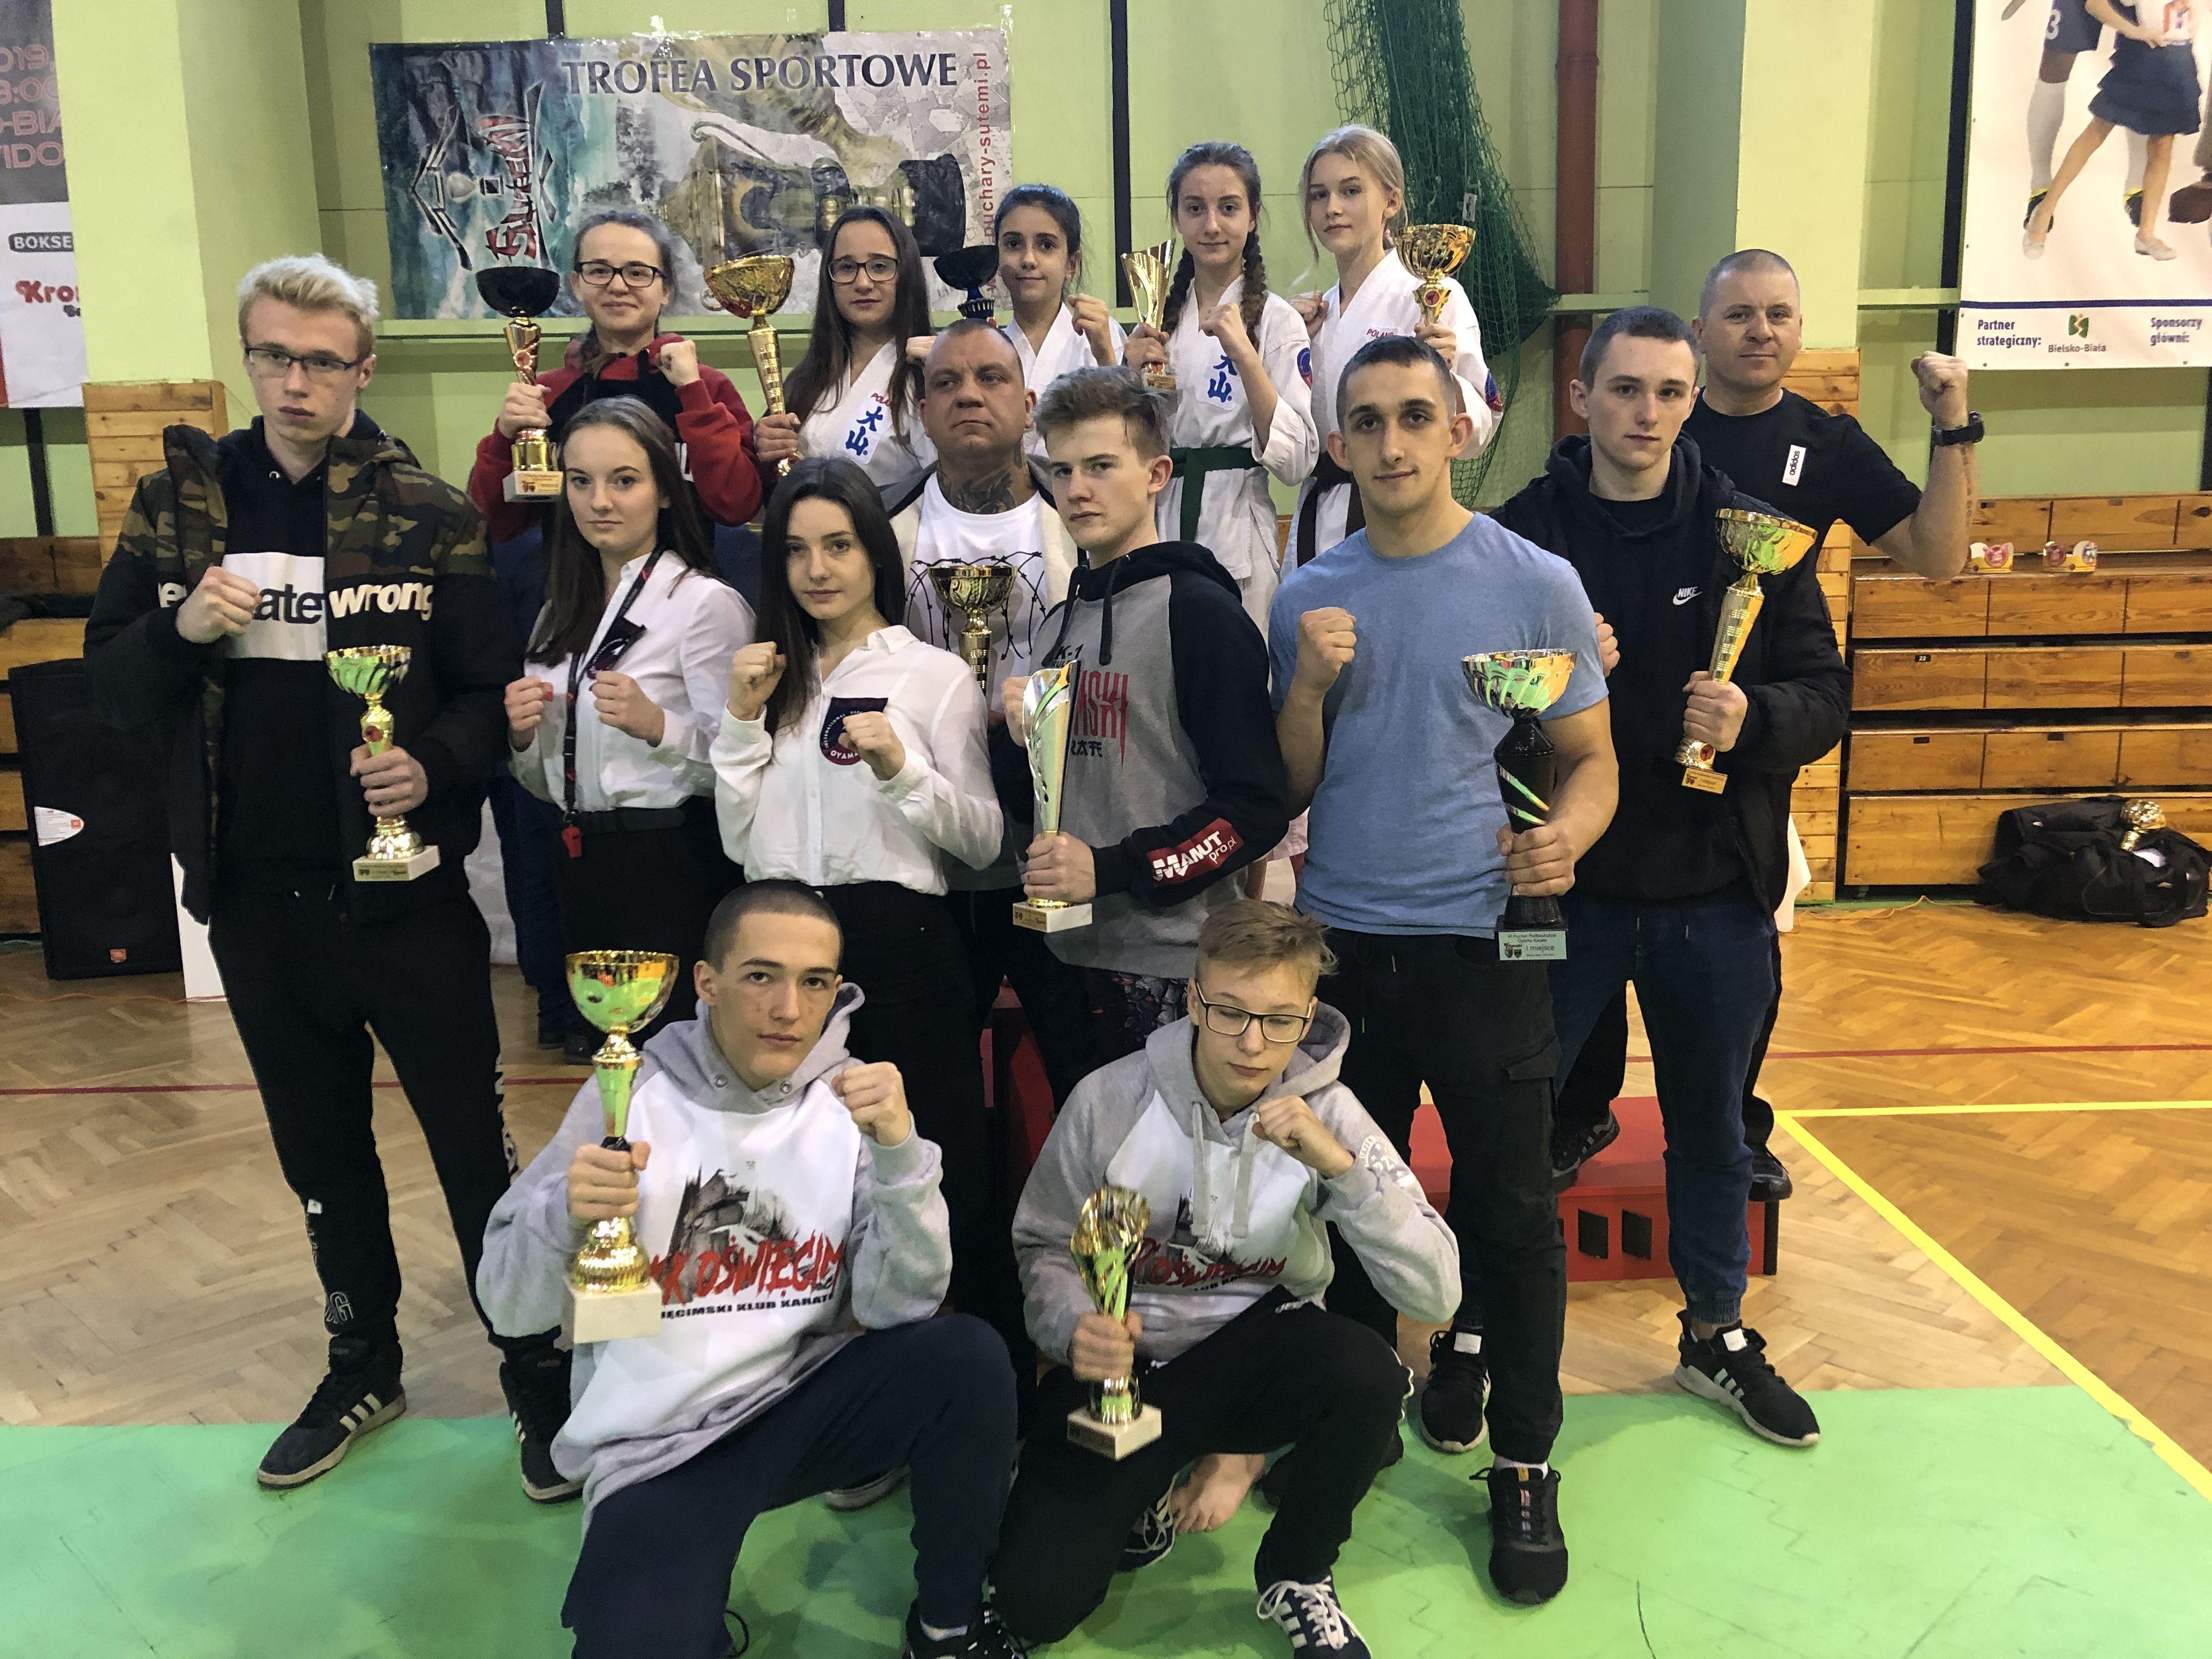 """Karatecy z Oświęcimia wywalczyli aż trzynaście medali w zawodach o """"Puchar Podbeskidzia"""". Fot. zbiory OKK/nadesłane"""